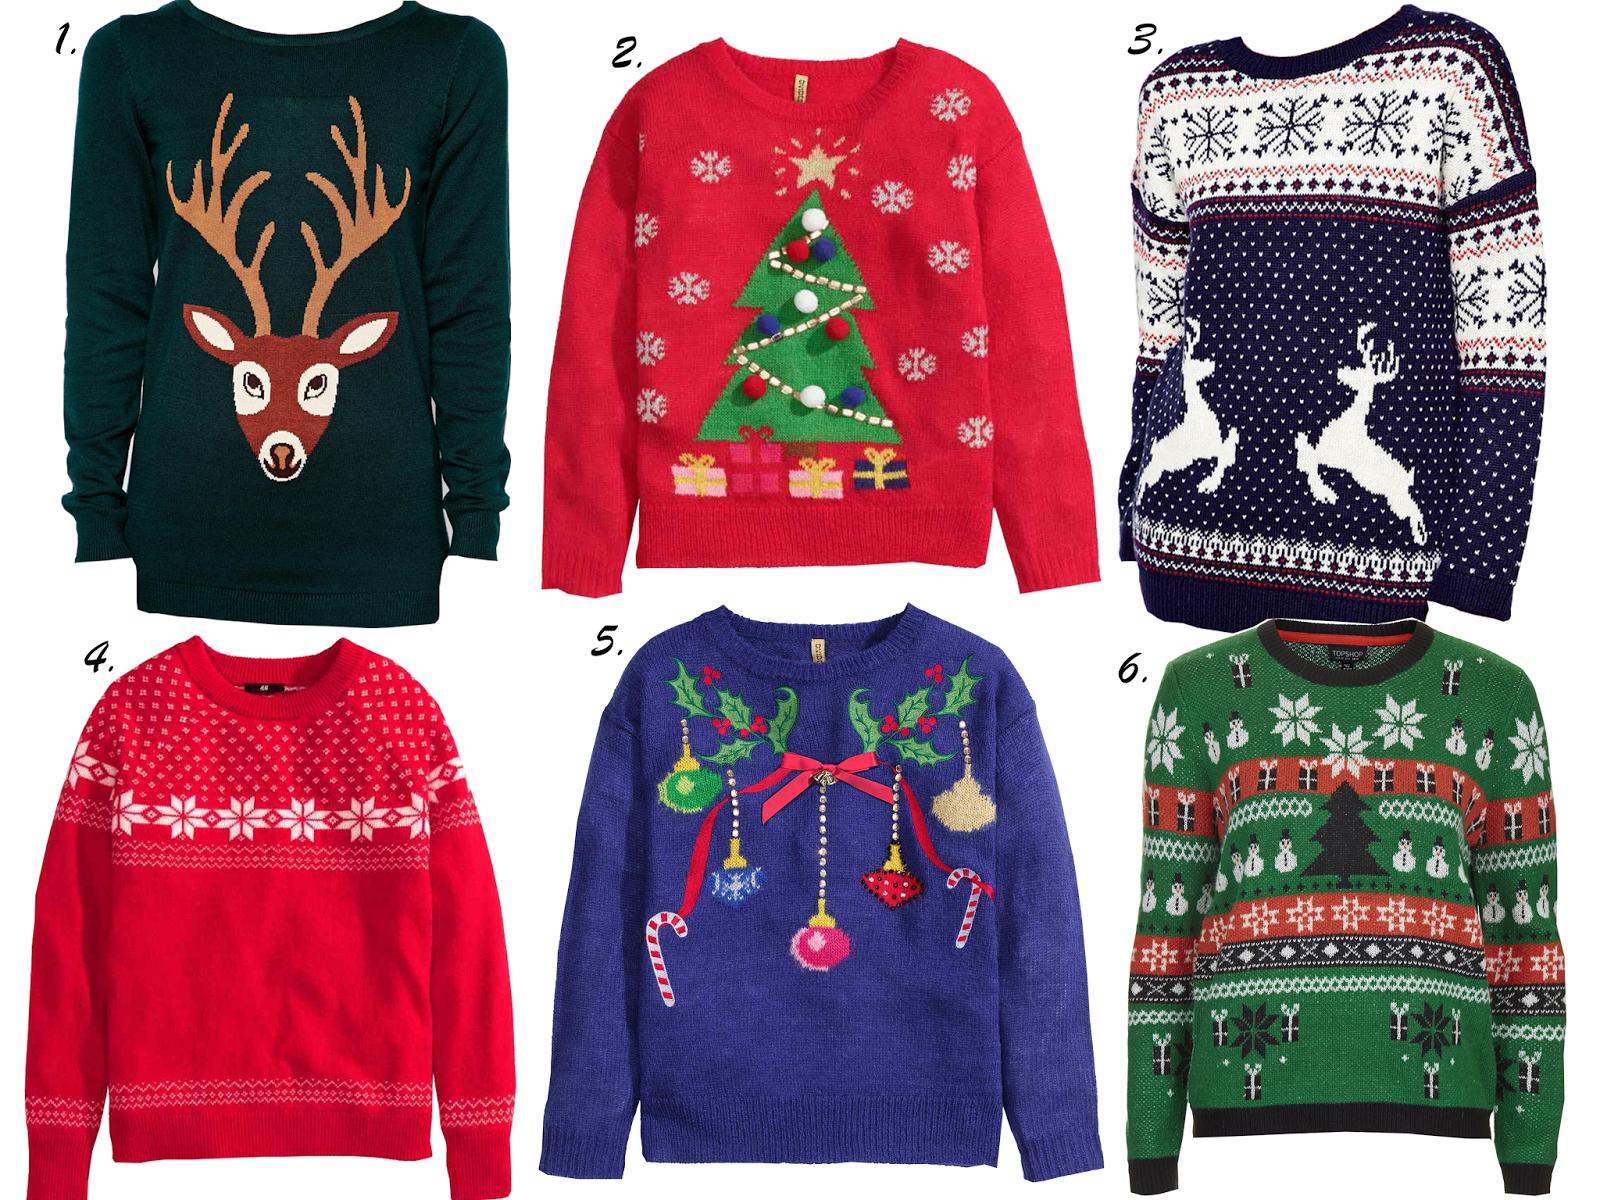 disponibilità nel Regno Unito 35284 fa344 Natale 2015, regali last minute - Cultura a Colori